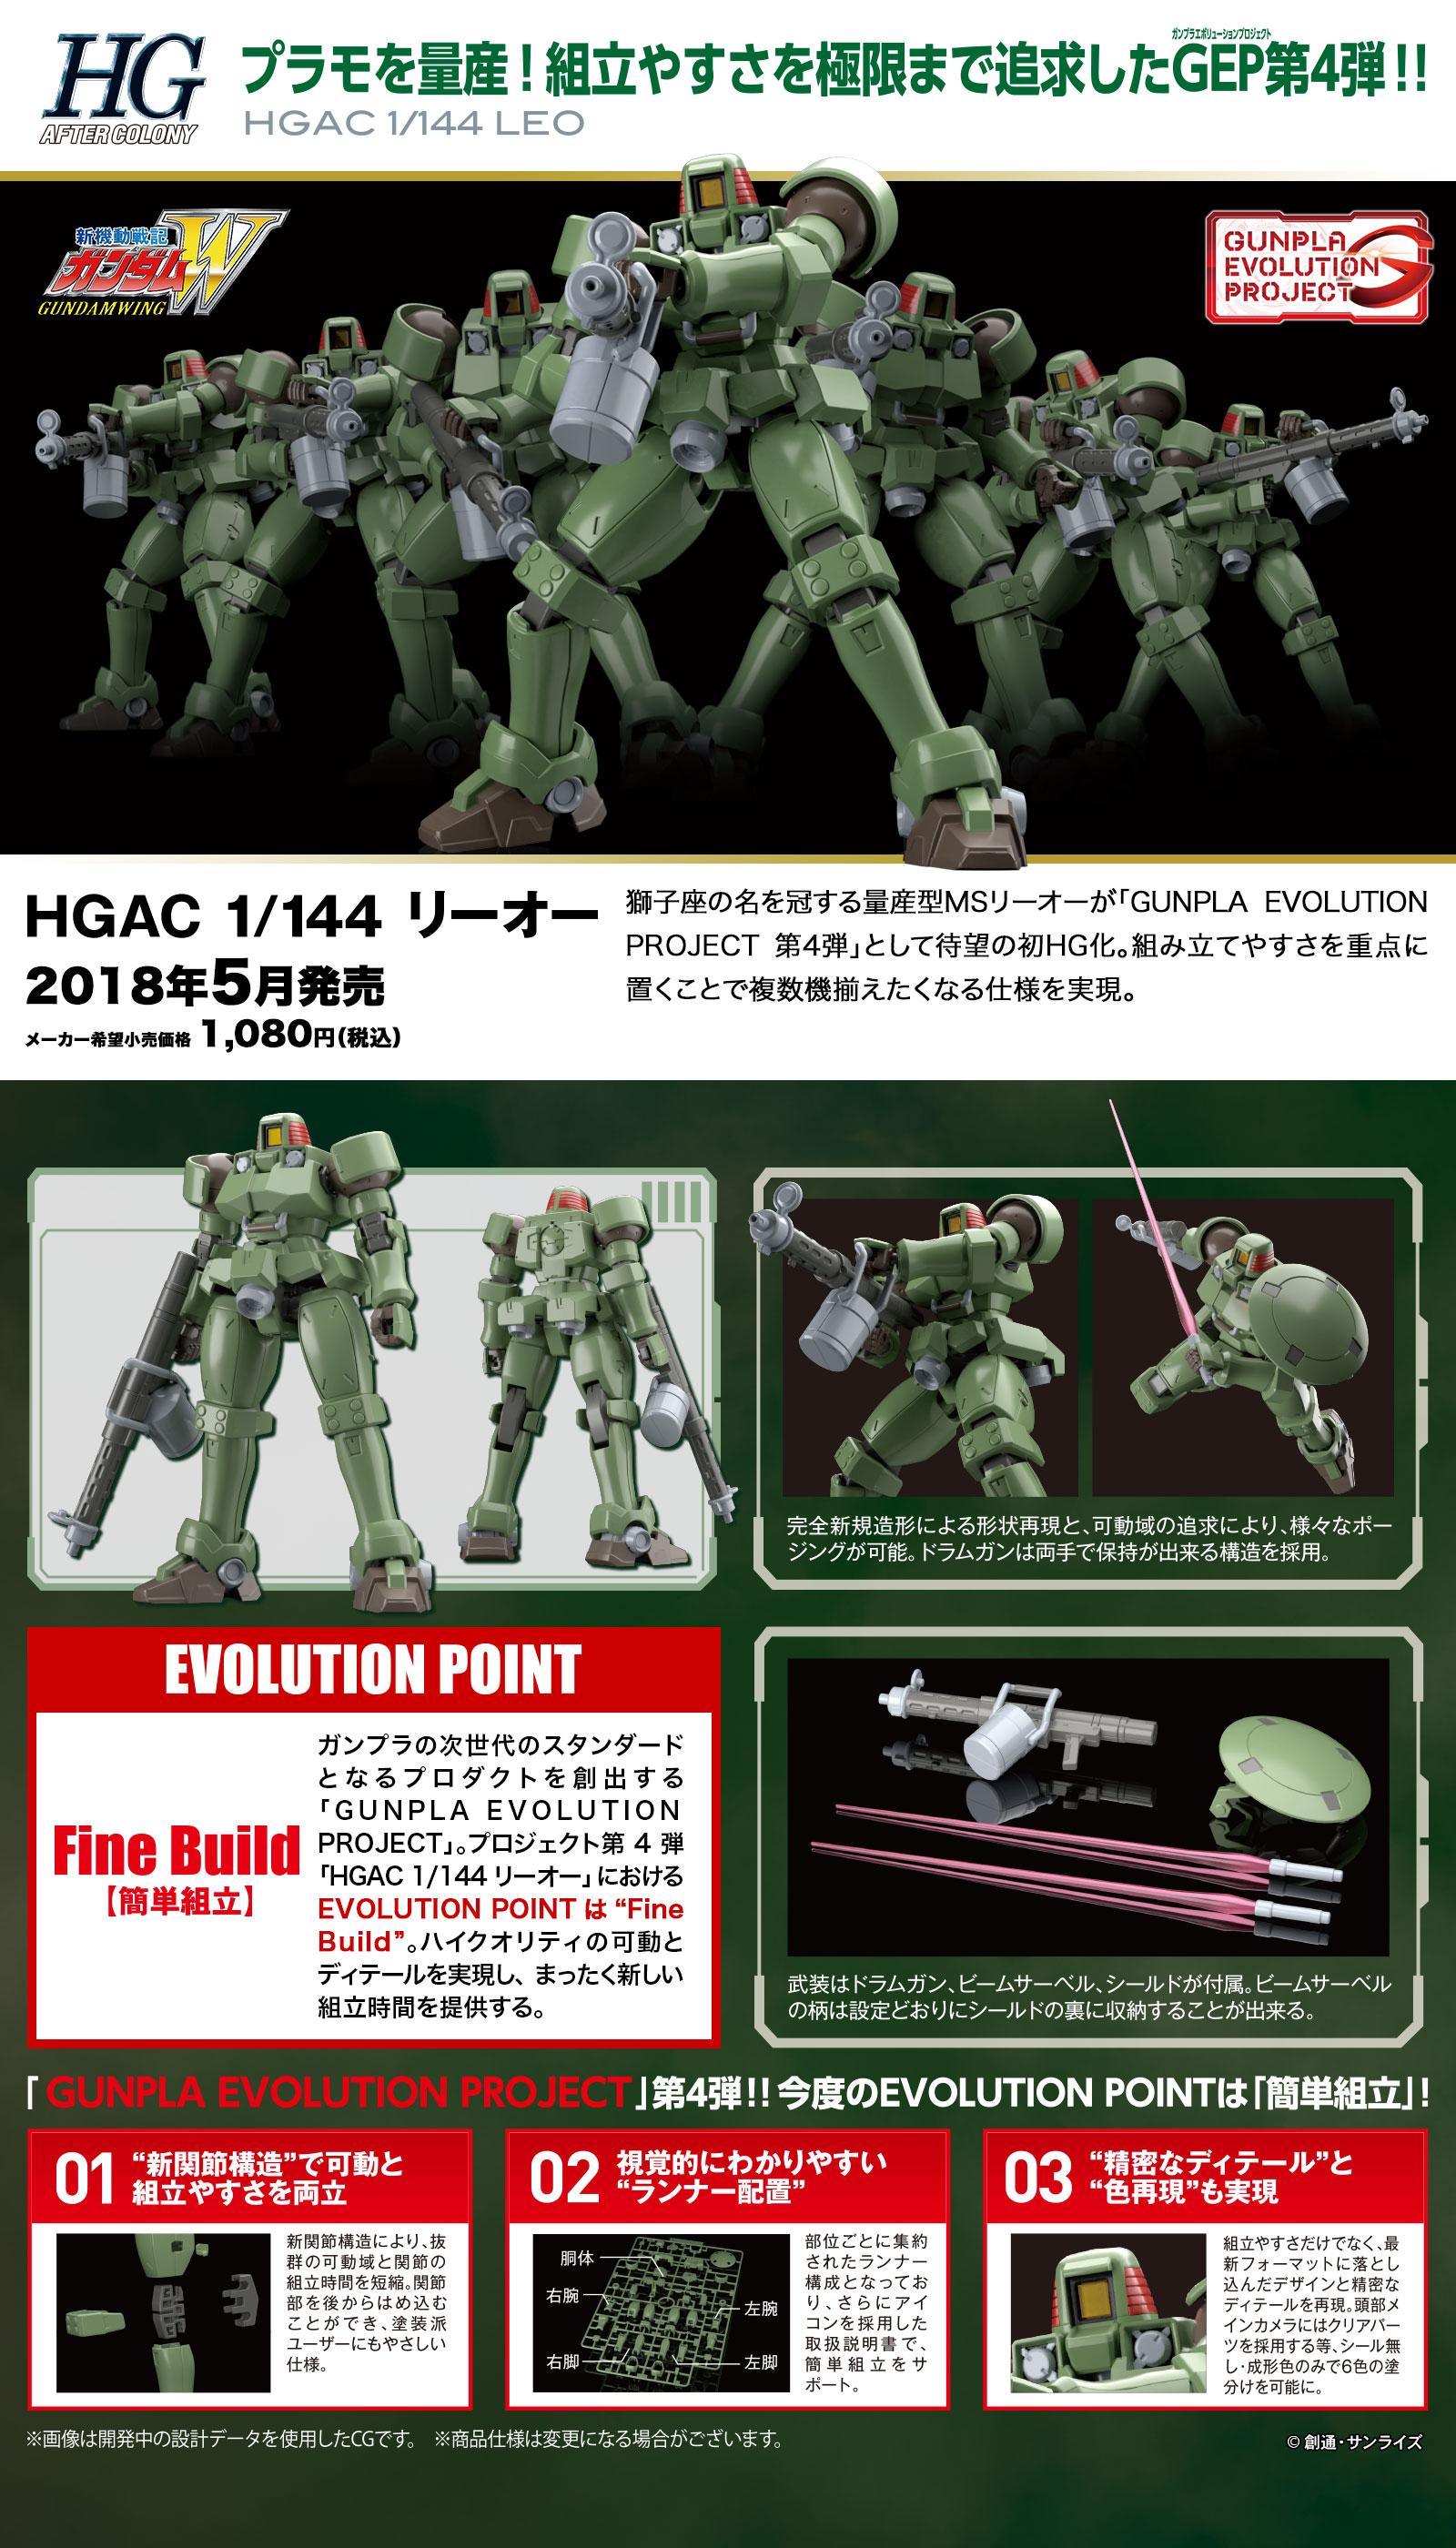 HGAC 211 1/144 OZ-06MS リーオー [Leo] 公式商品説明(画像)